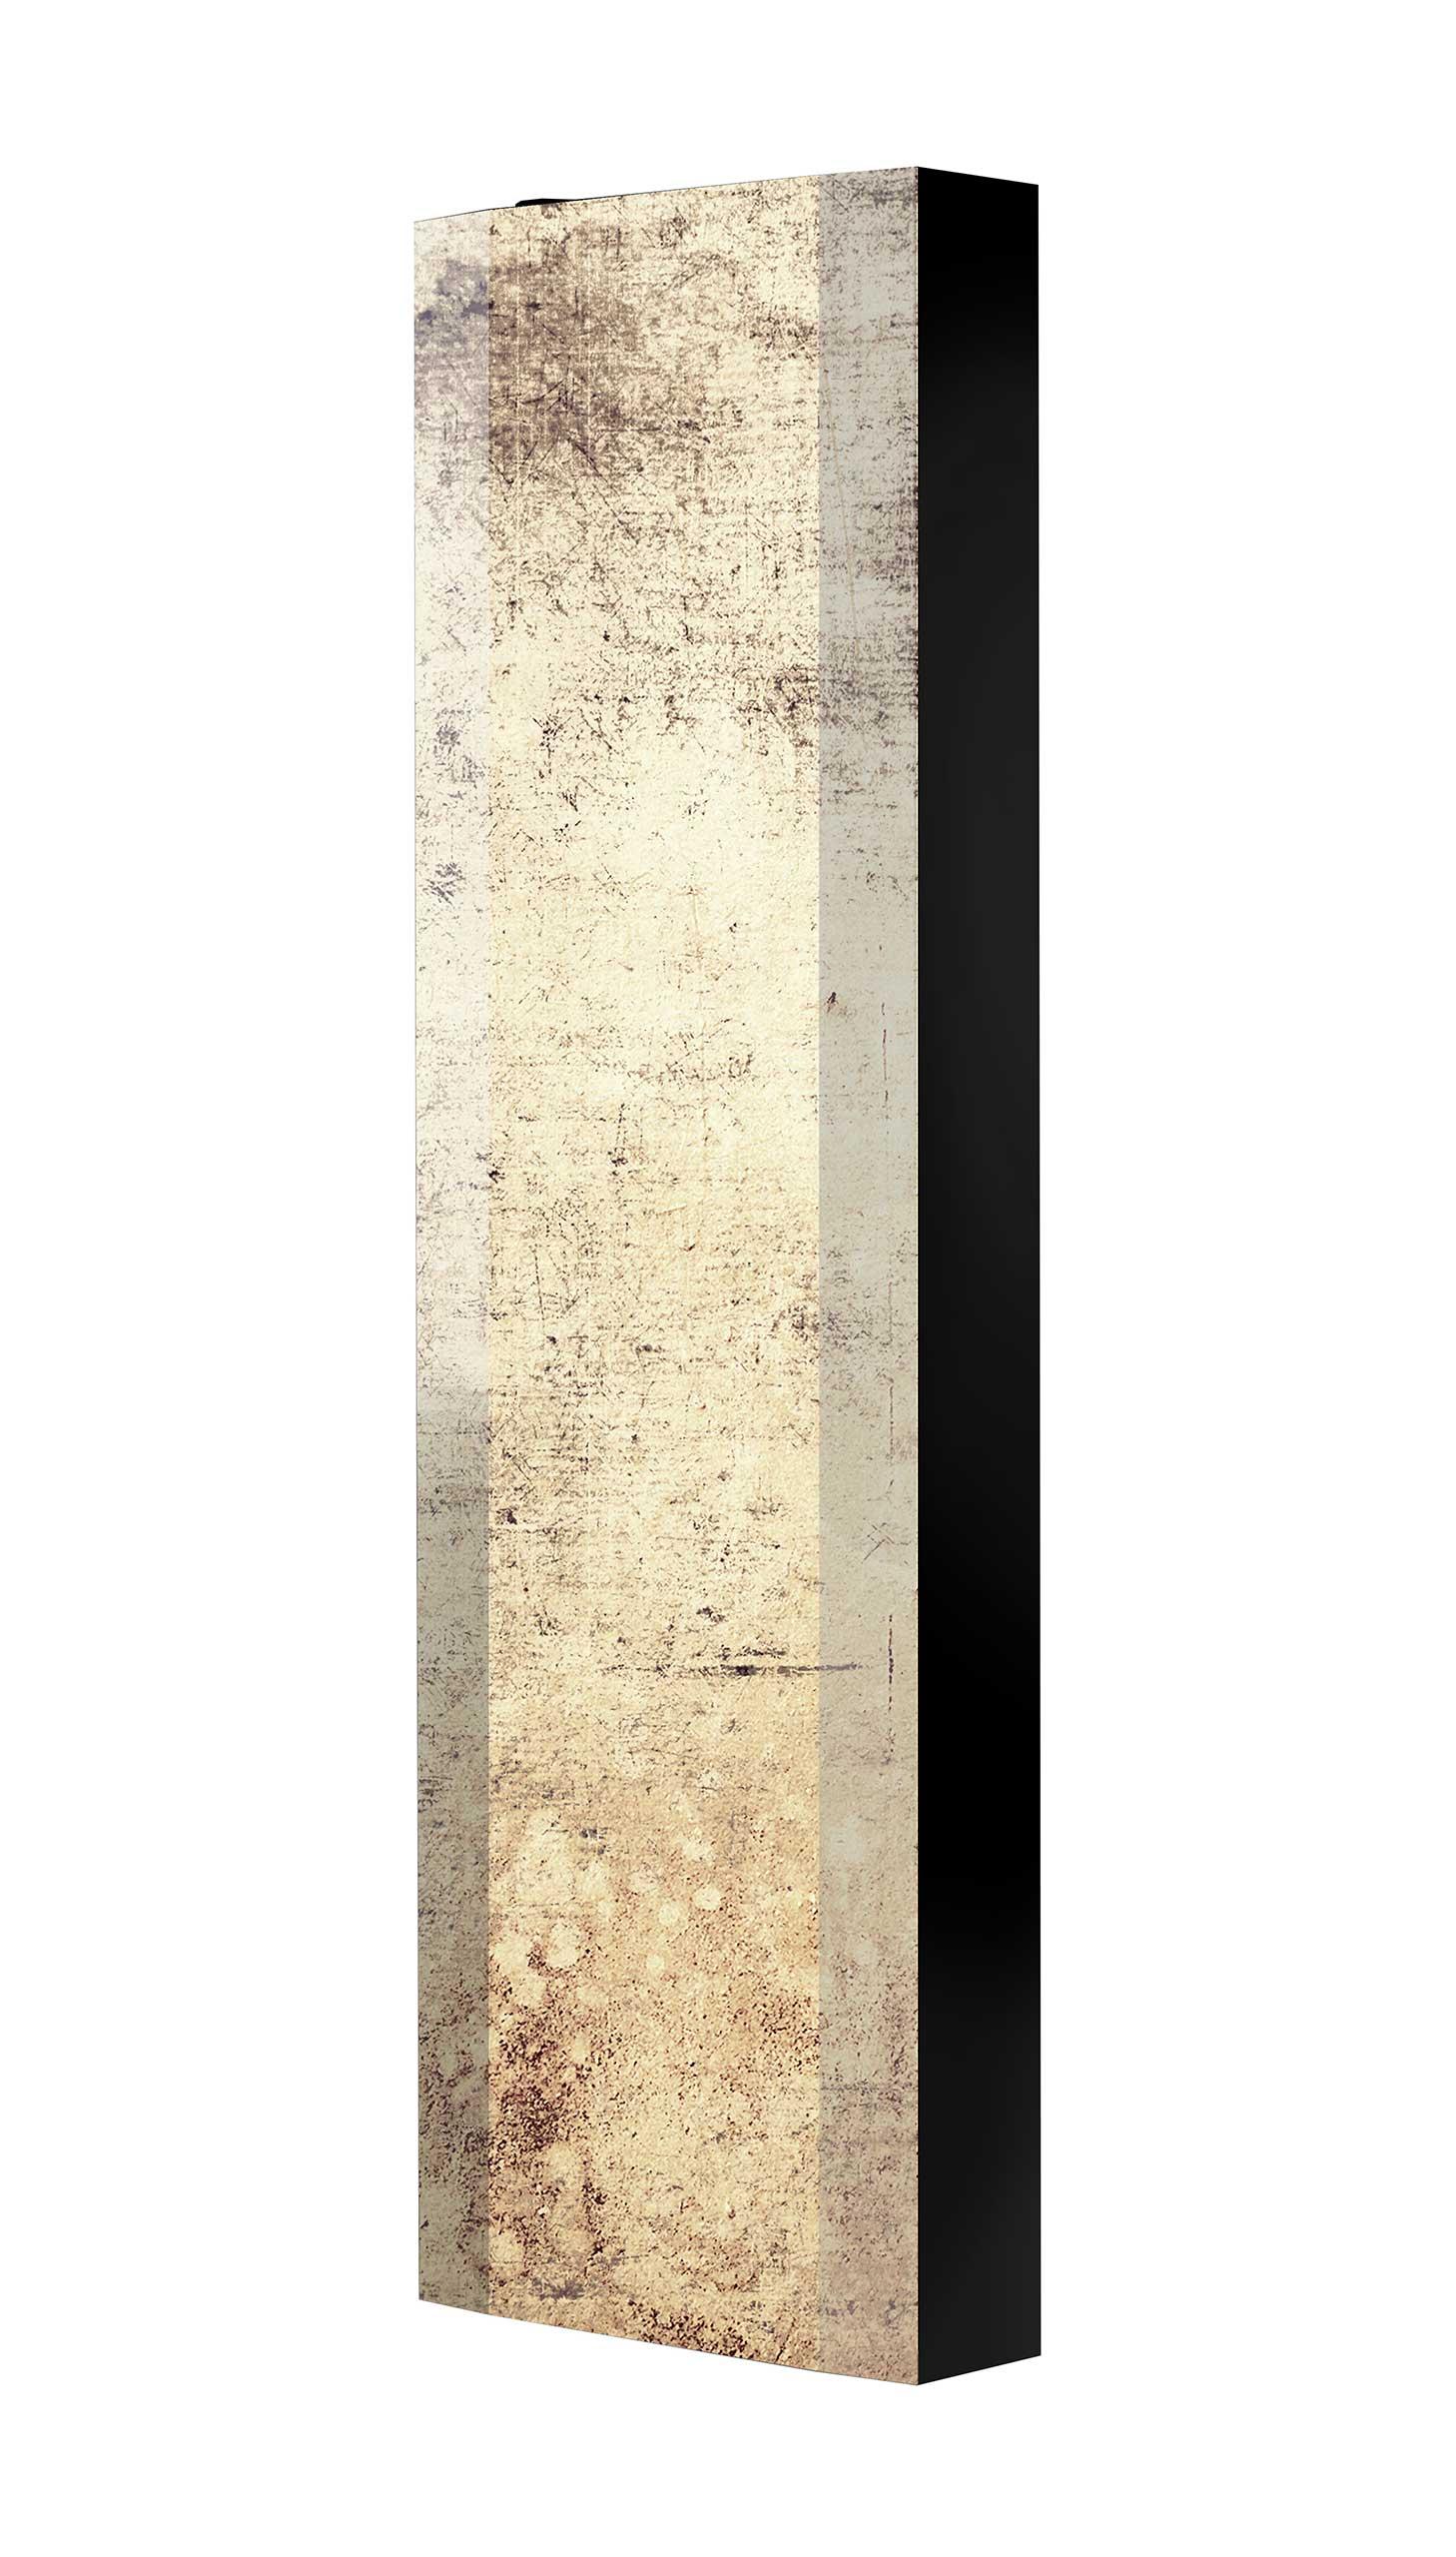 Schuhschrank FLASH 450 BLACK-EDITION Motivschrank schwarz drehbar M34 Abstrakt Kunst